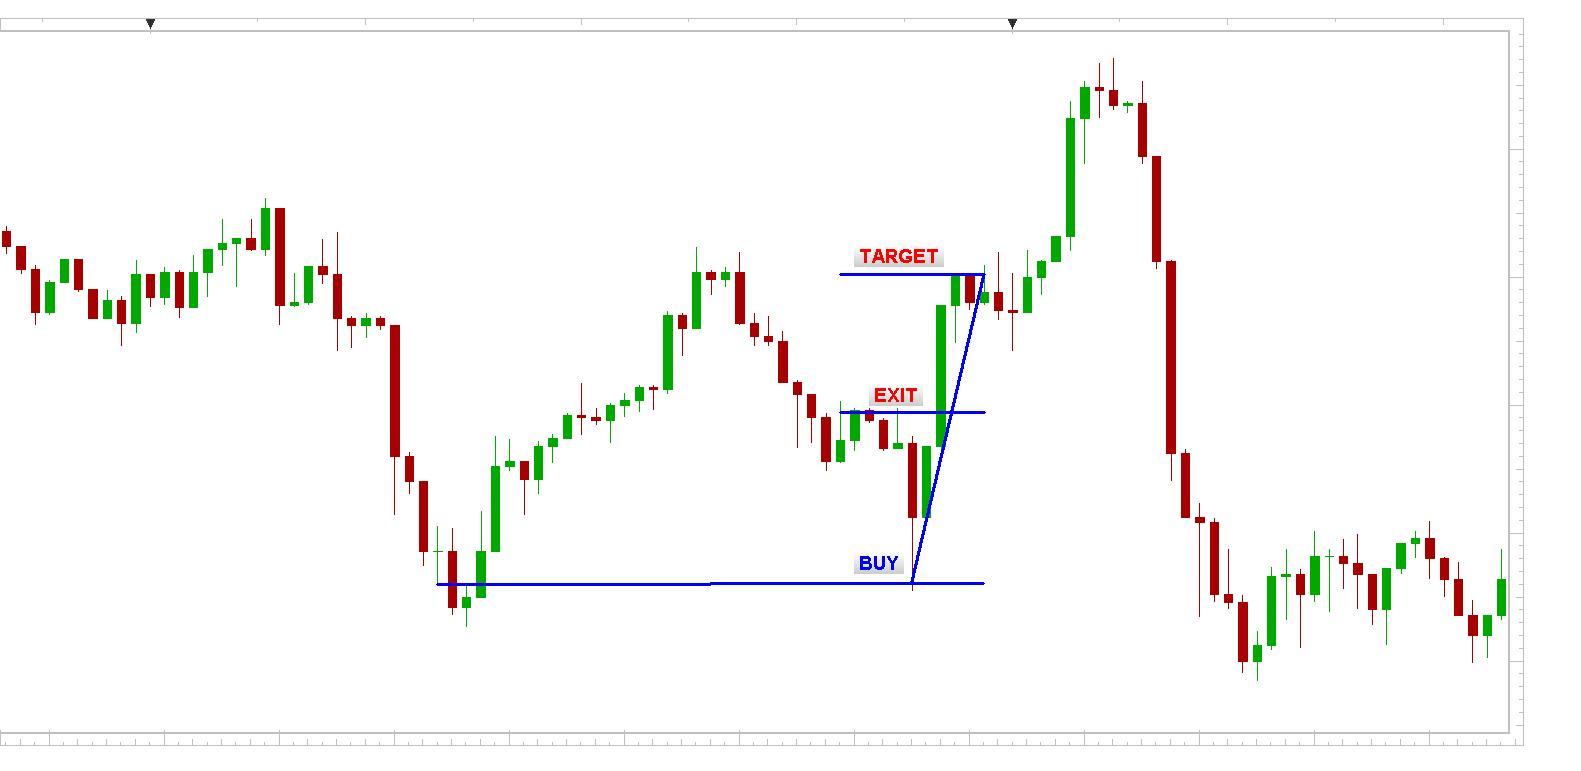 GBP/USD 1min chart